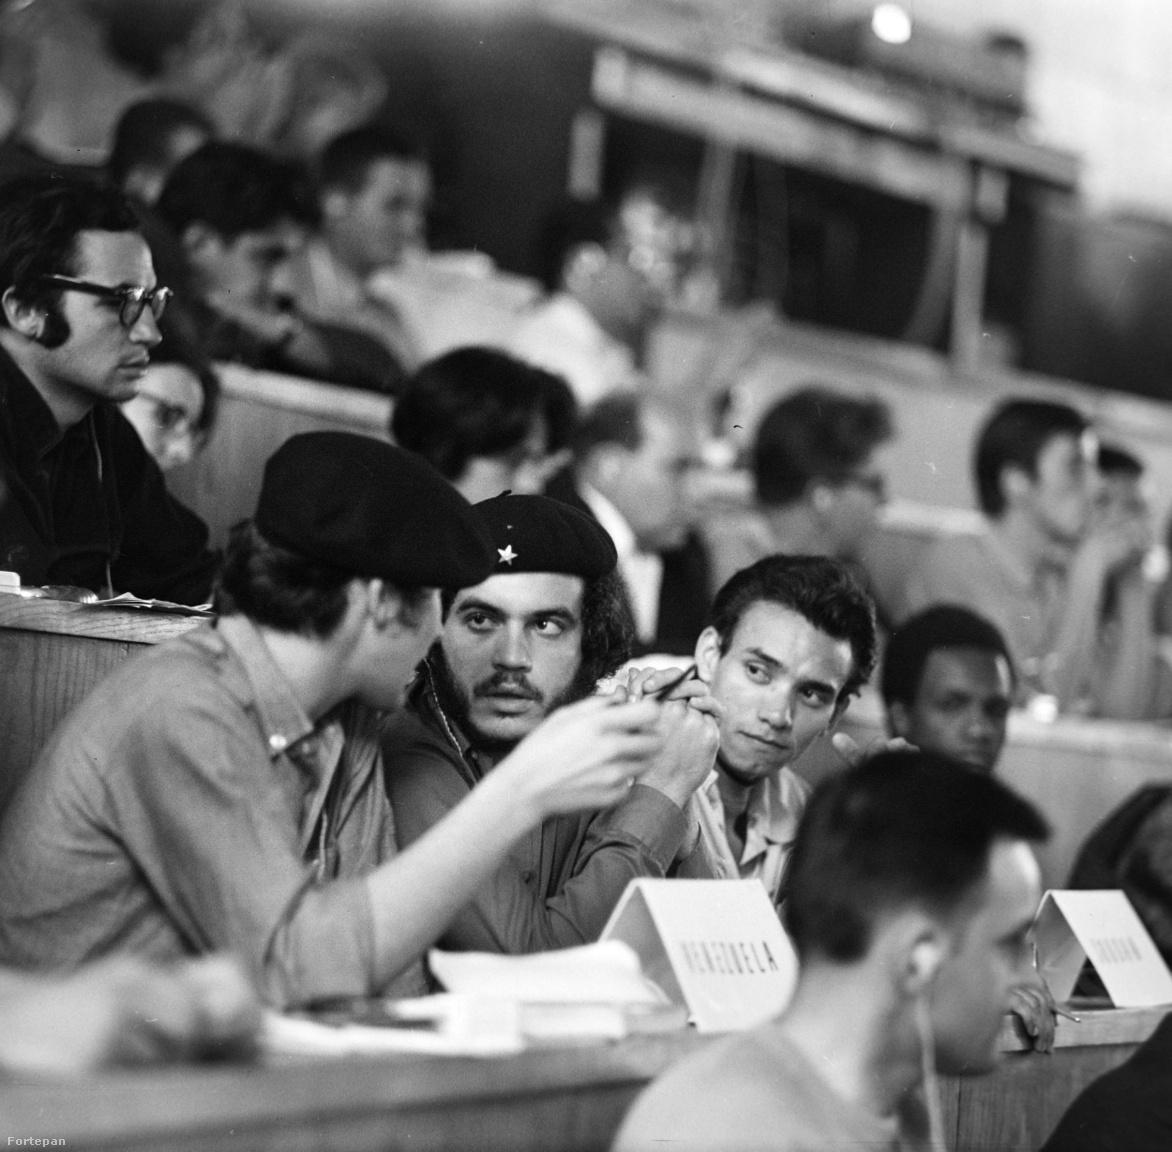 Che Guevara-imitátor a venezuelai küldöttségben valamelyik politikai vitán. Fura dinamikája lehetett ezeknek a spontánnak beállított, de valójában elég féloldalas témázásoknak: miközben a nyugati világ 1968-as vitalázban égett és csak beszélt és beszélt, a kelet-európai küldötteket a VIT előtt politikai szemináriumokon készítették fel, hogy mit szabad és mit nem szabad mondaniuk. Ebből a visszamlékezések szerint a nyugatiak eleinte nem sokat értettek.Ők nyílt vitákat szerettek volna folytatni olyan tabutémákrólis,mint az államszocialista rendszer mibenléte, és mint személyes állásfoglalásokkal vitatkoztak a keleti résztvevők előzetesen jóváhagyott vonalas szövegeivel - az újbaloldal találkozott az államszocialista újbeszéddel és nembeszélünkkel.